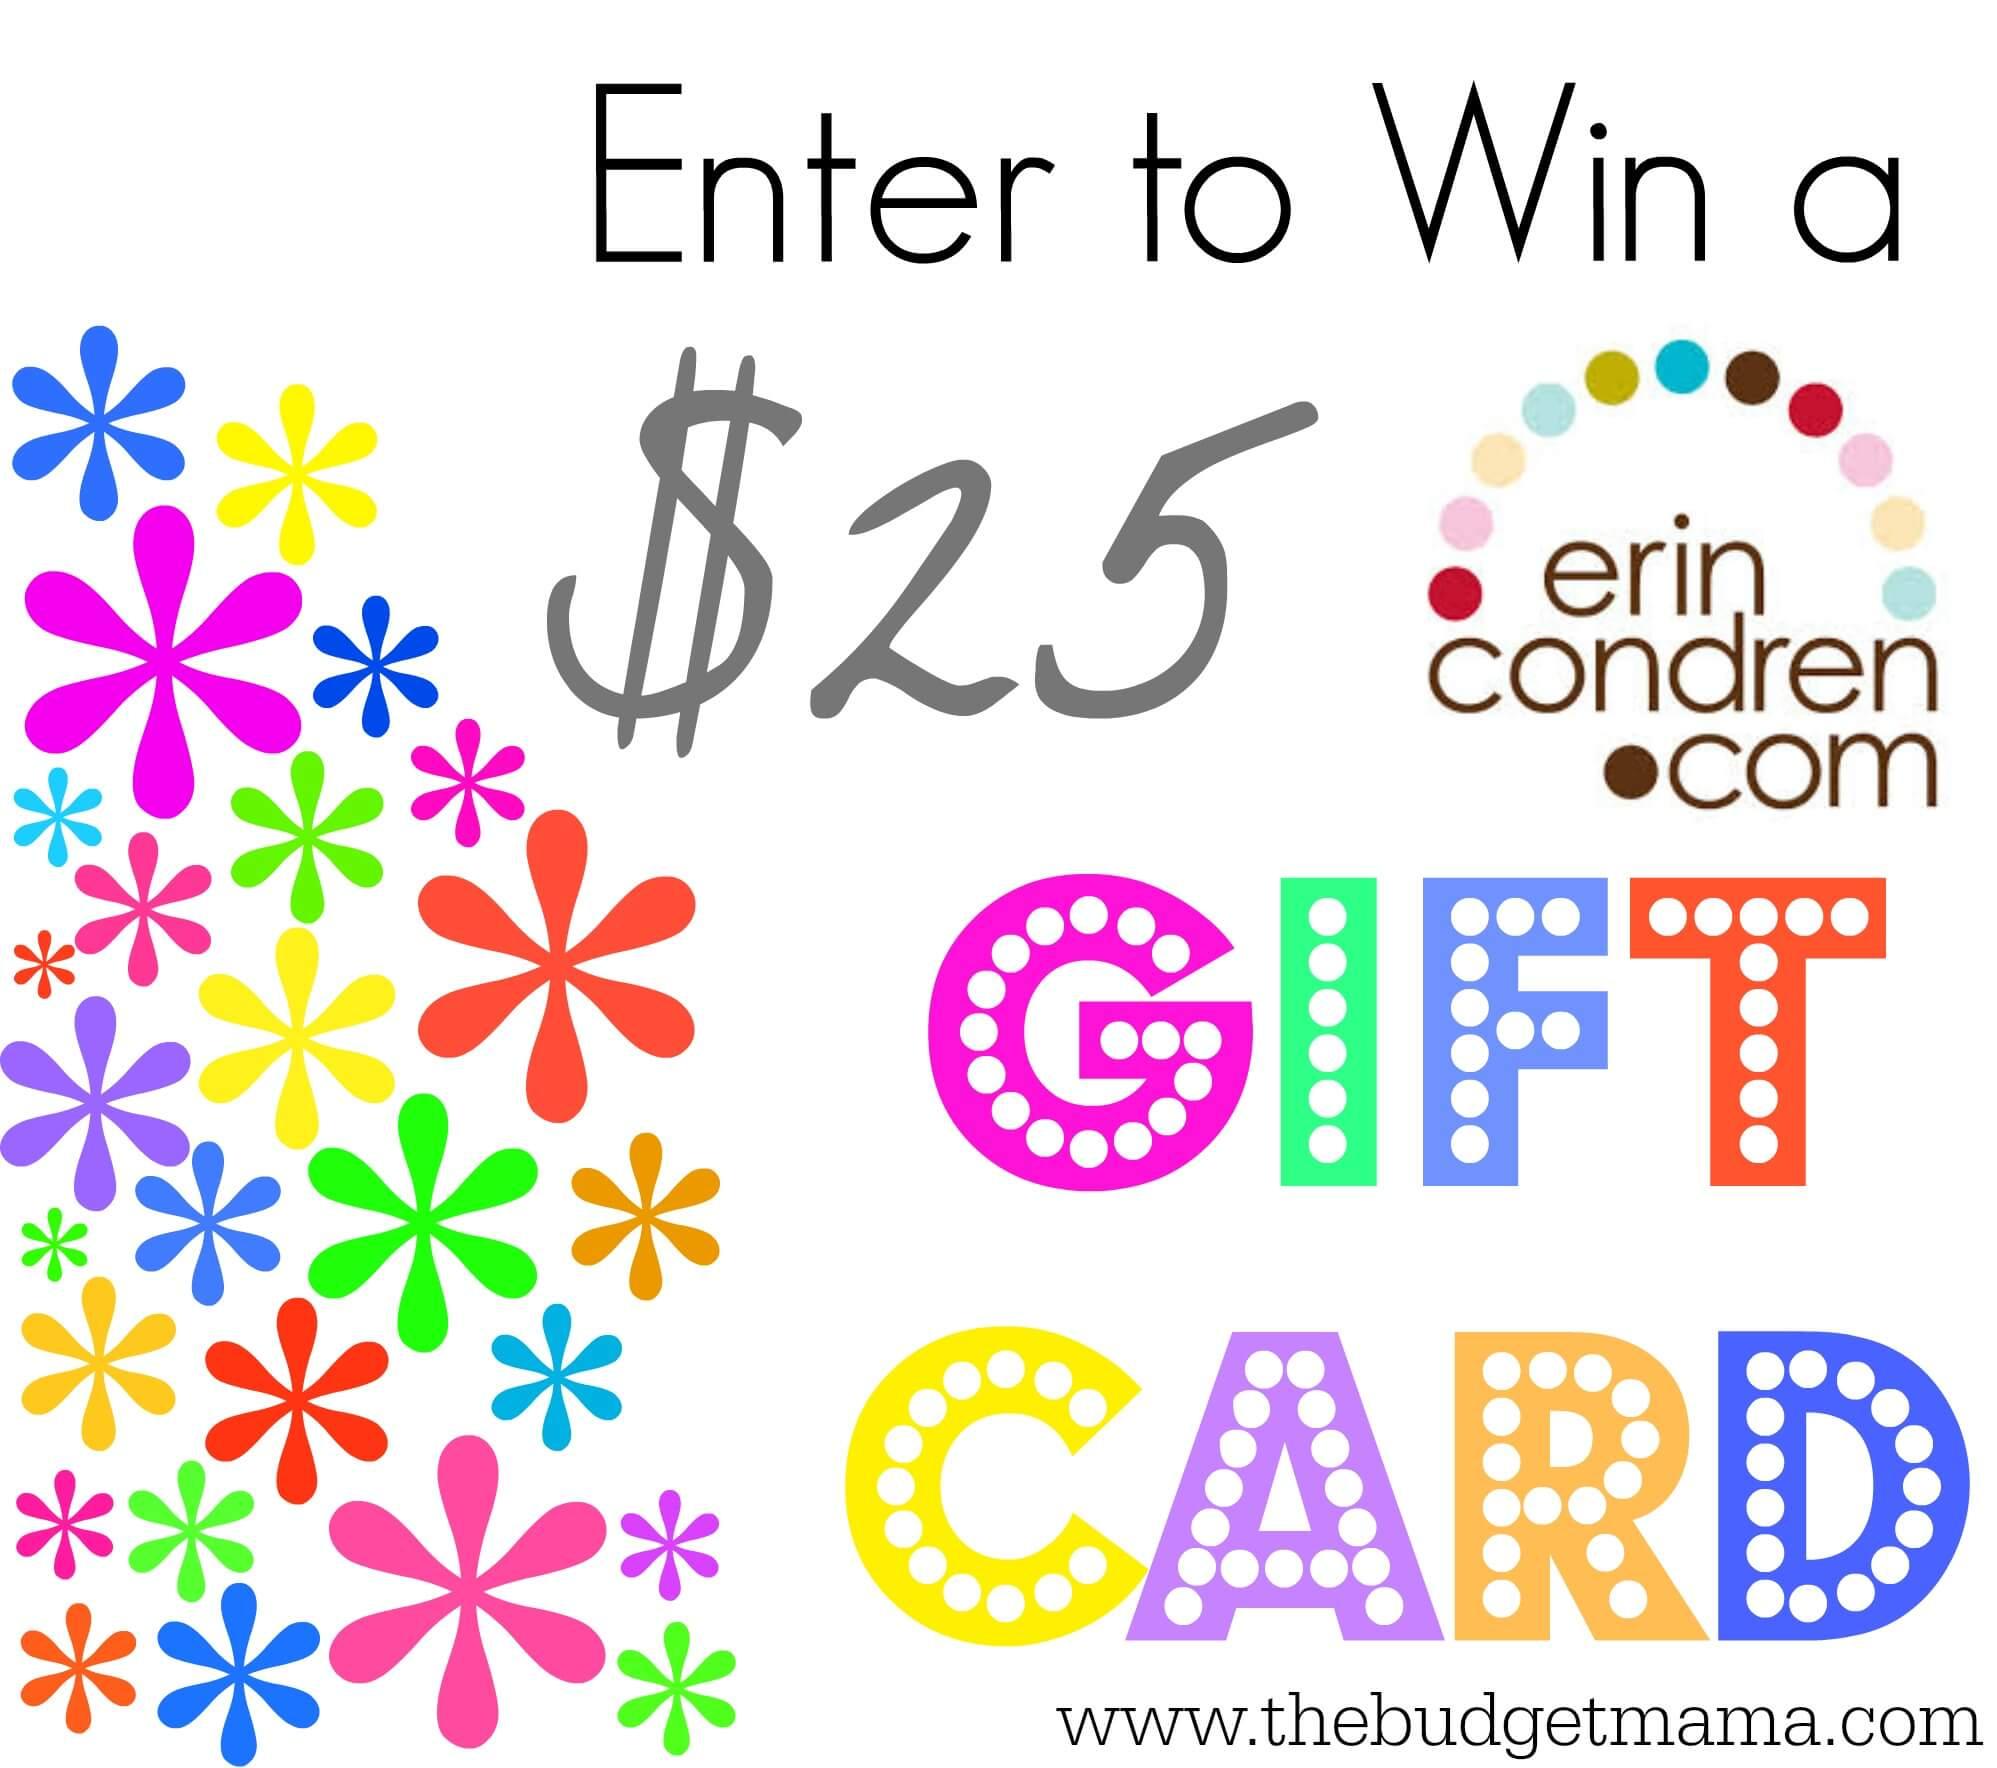 Erin Condren $25 Giveaway